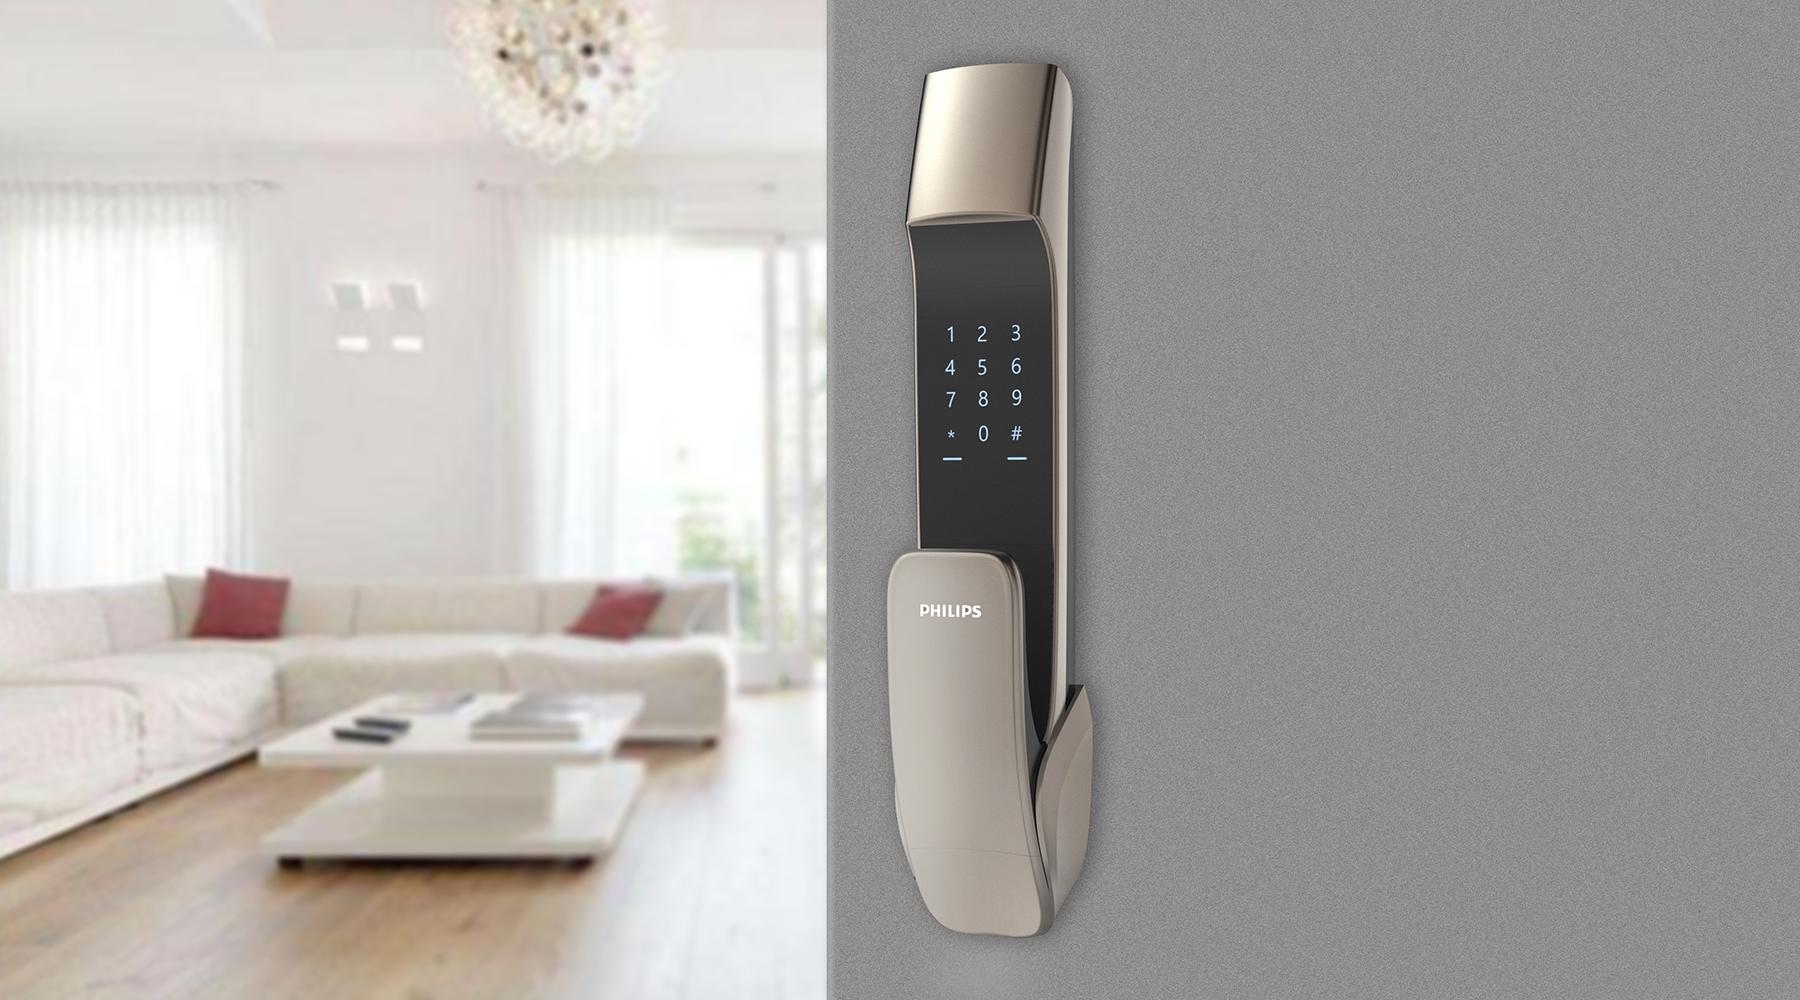 指纹锁智能锁电子锁密码锁全自动智能指纹锁产品外观设计工业设计